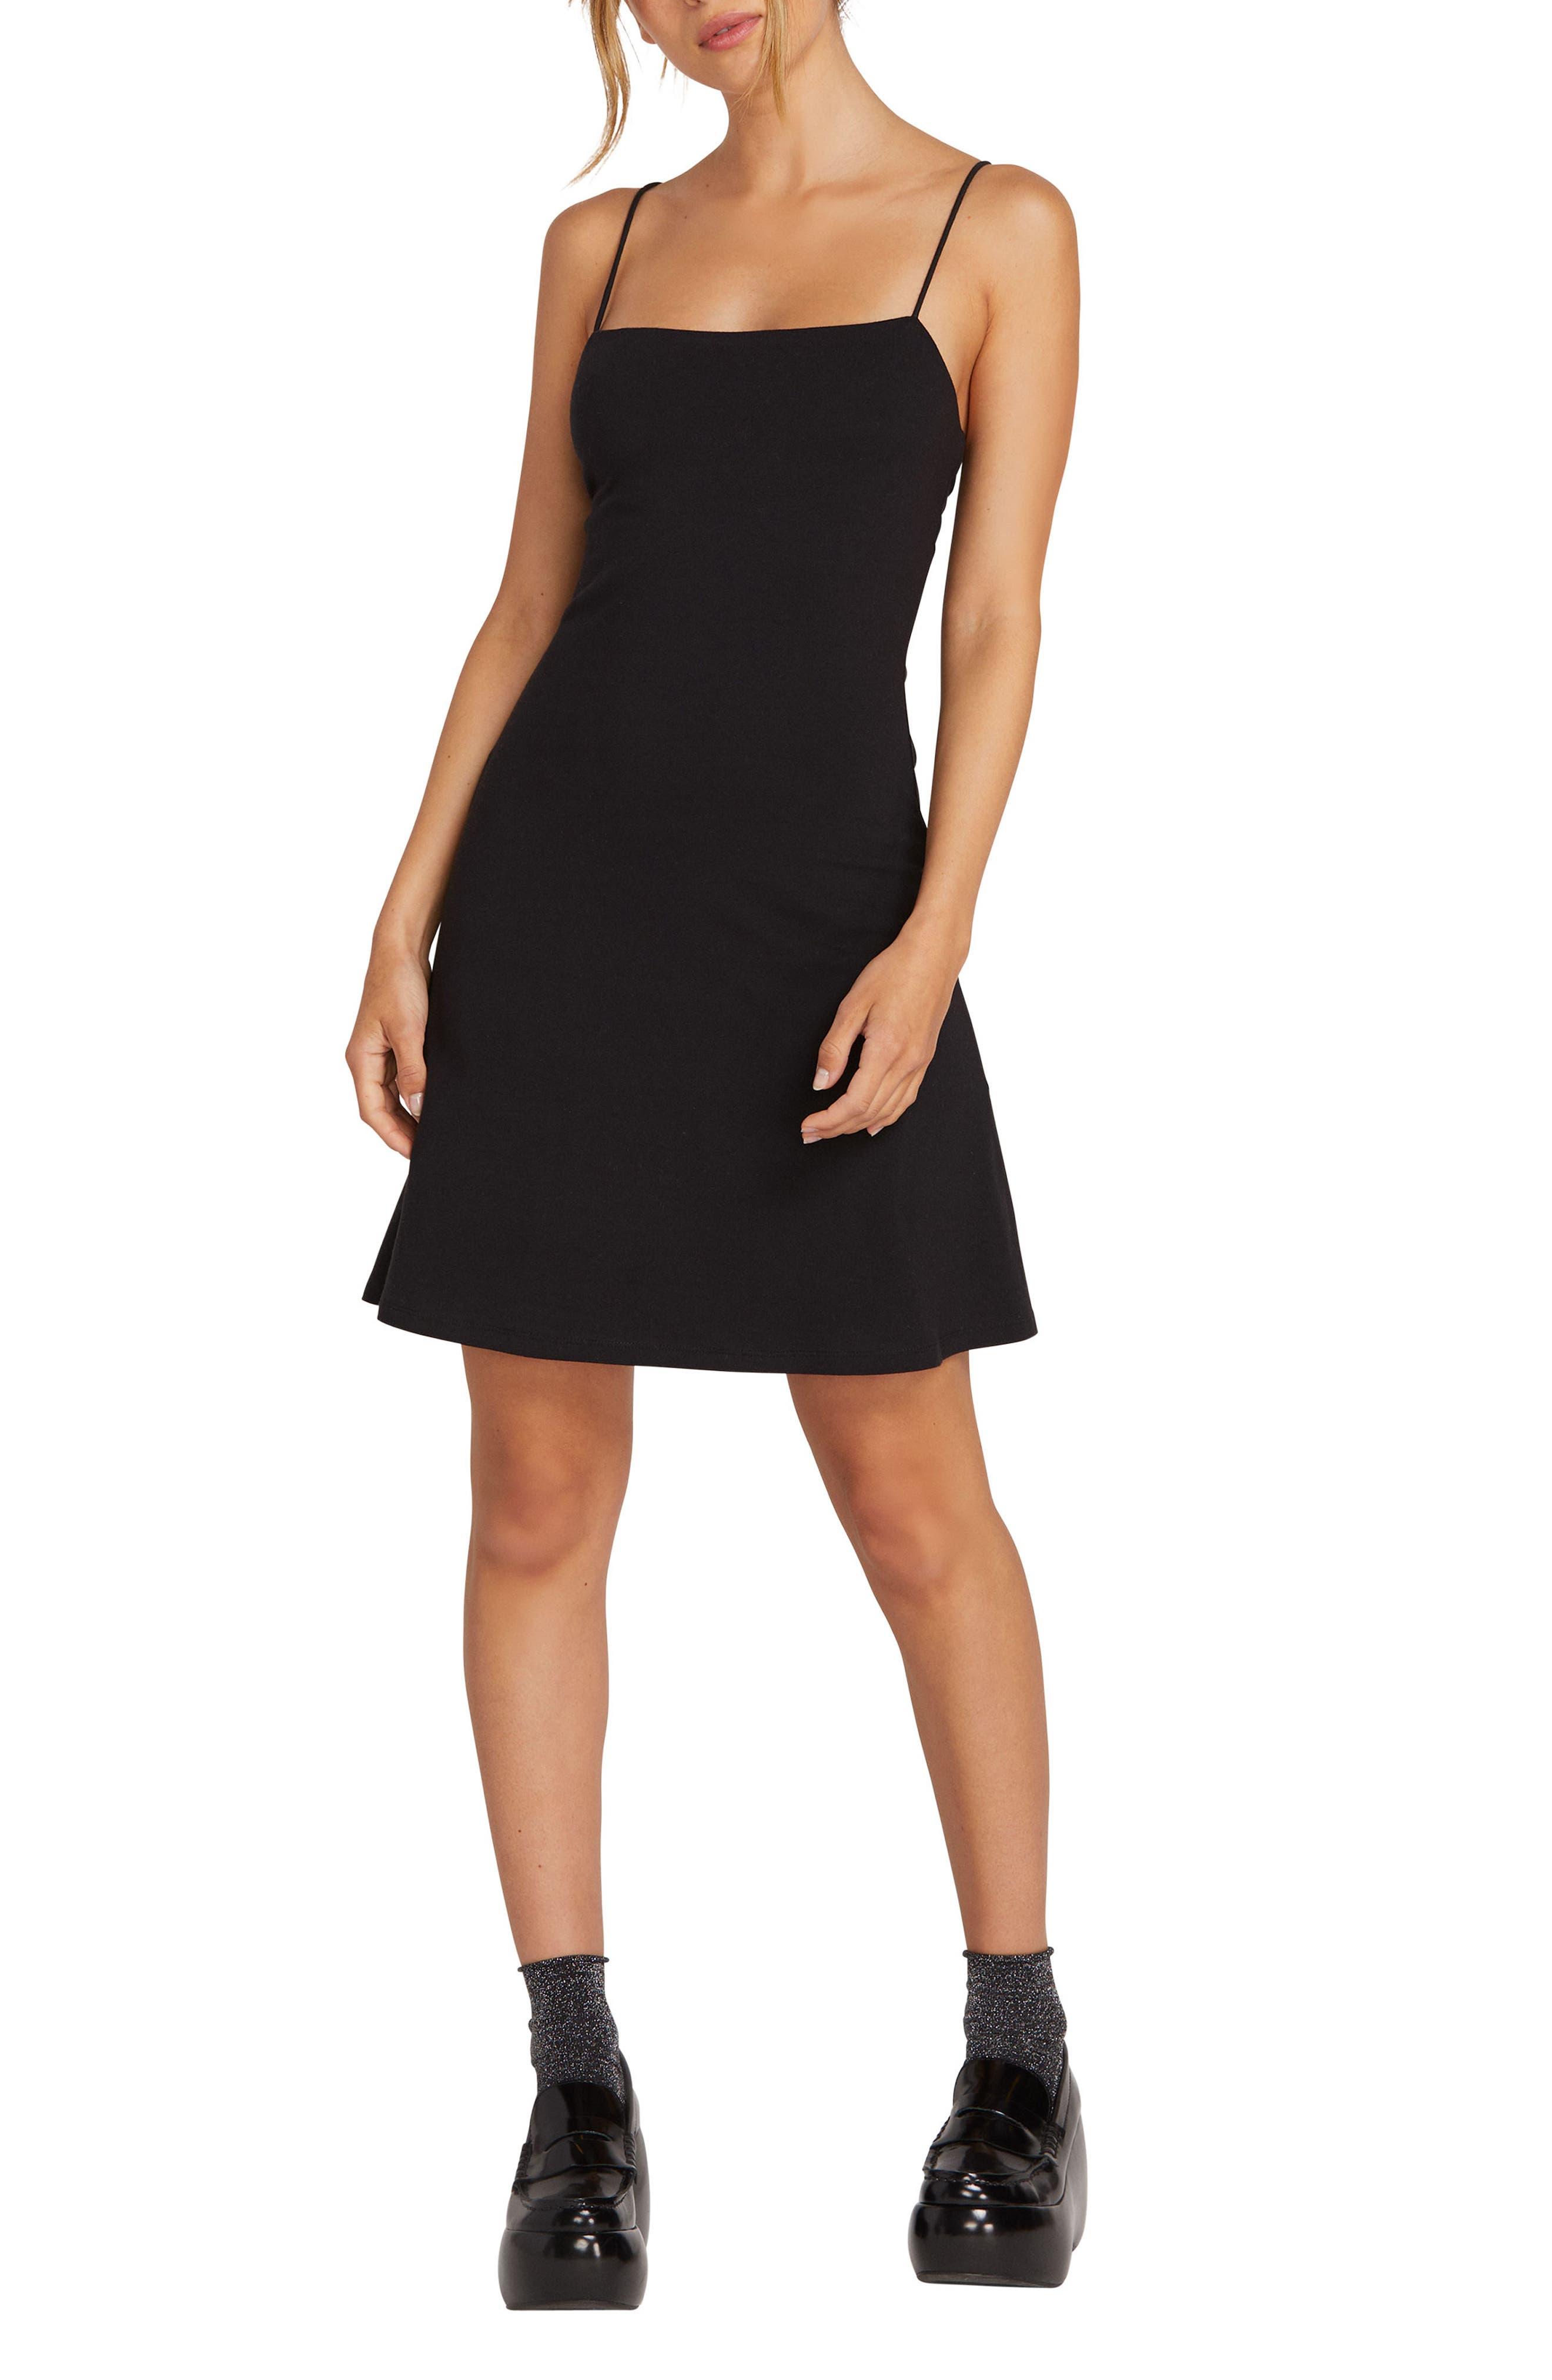 Volcom Cami Skater Dress, Black